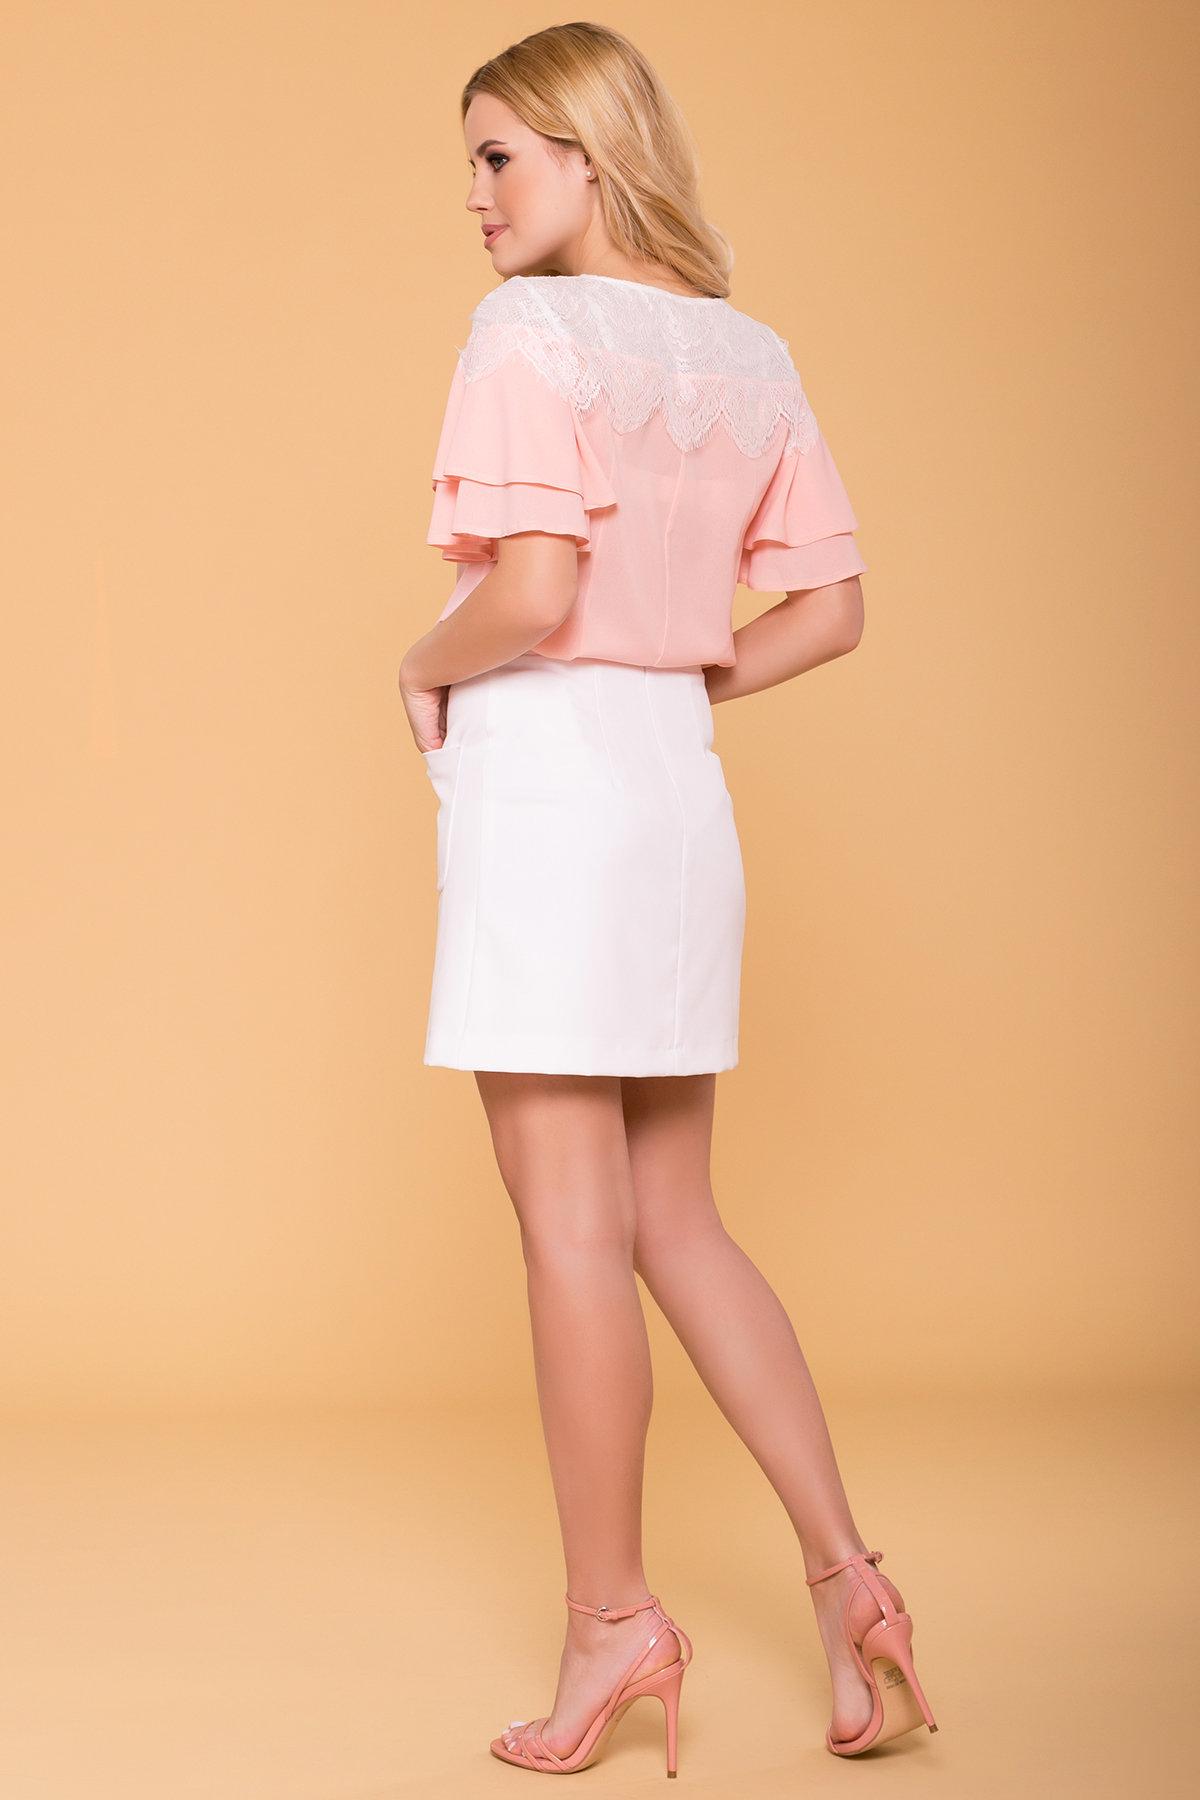 Блуза Ирис 4835 АРТ. 34575 Цвет: Пудра - фото 2, интернет магазин tm-modus.ru